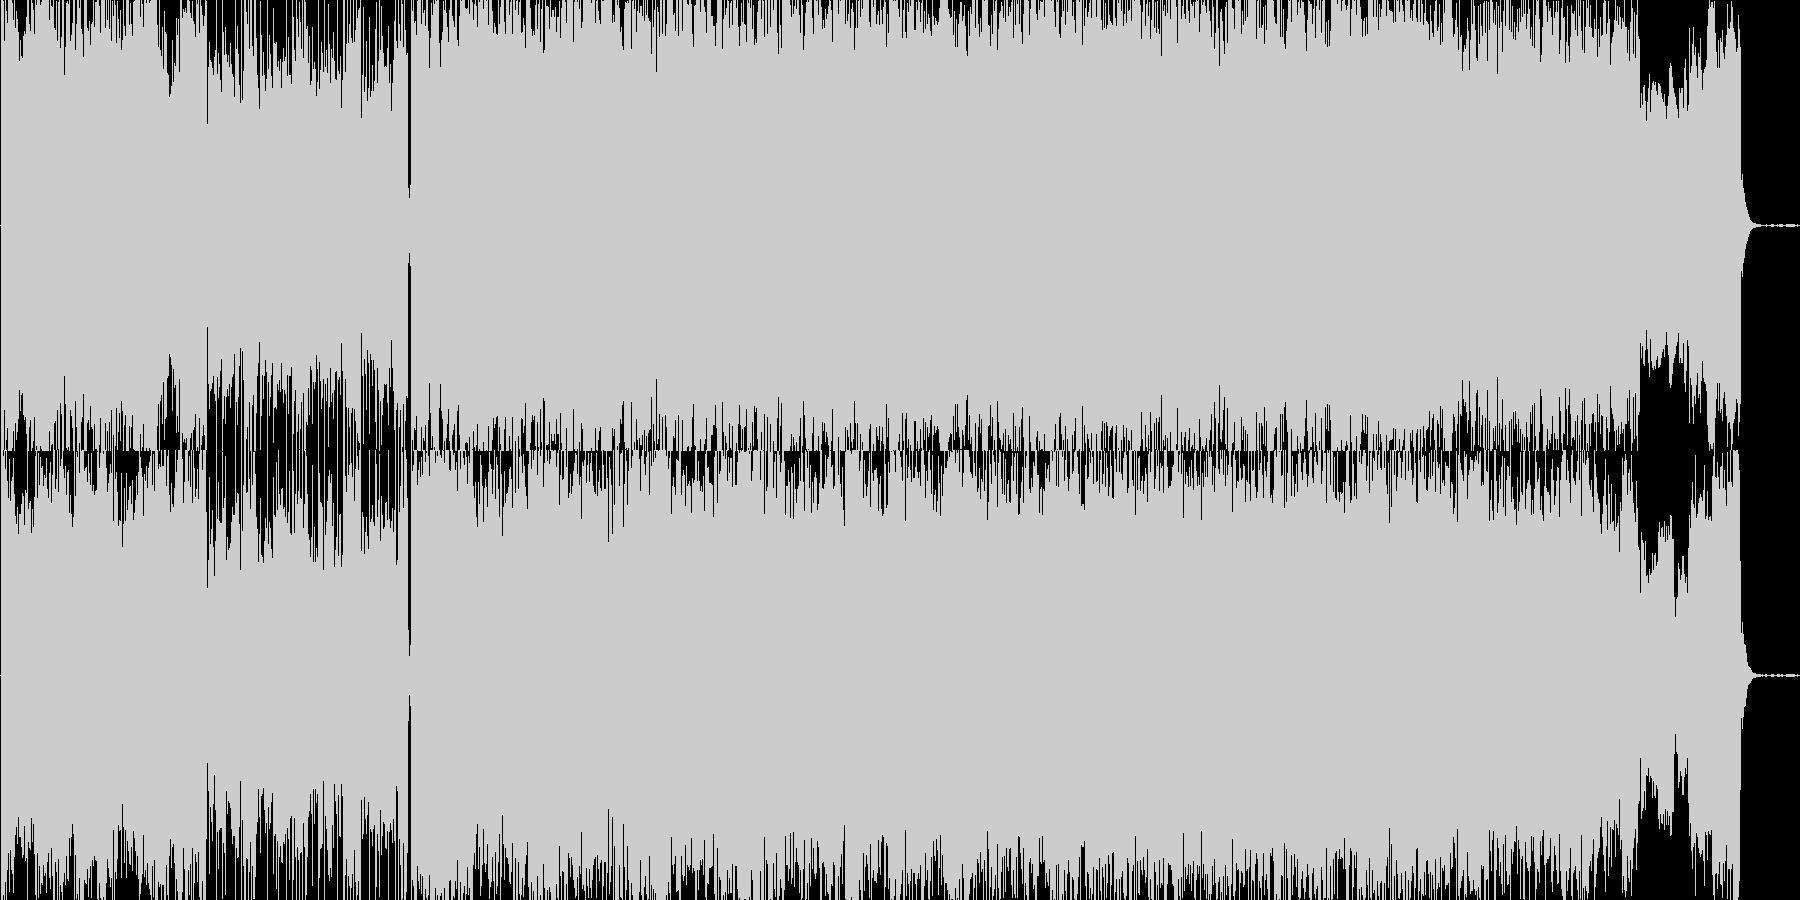 ホラーテイストのBGMの未再生の波形